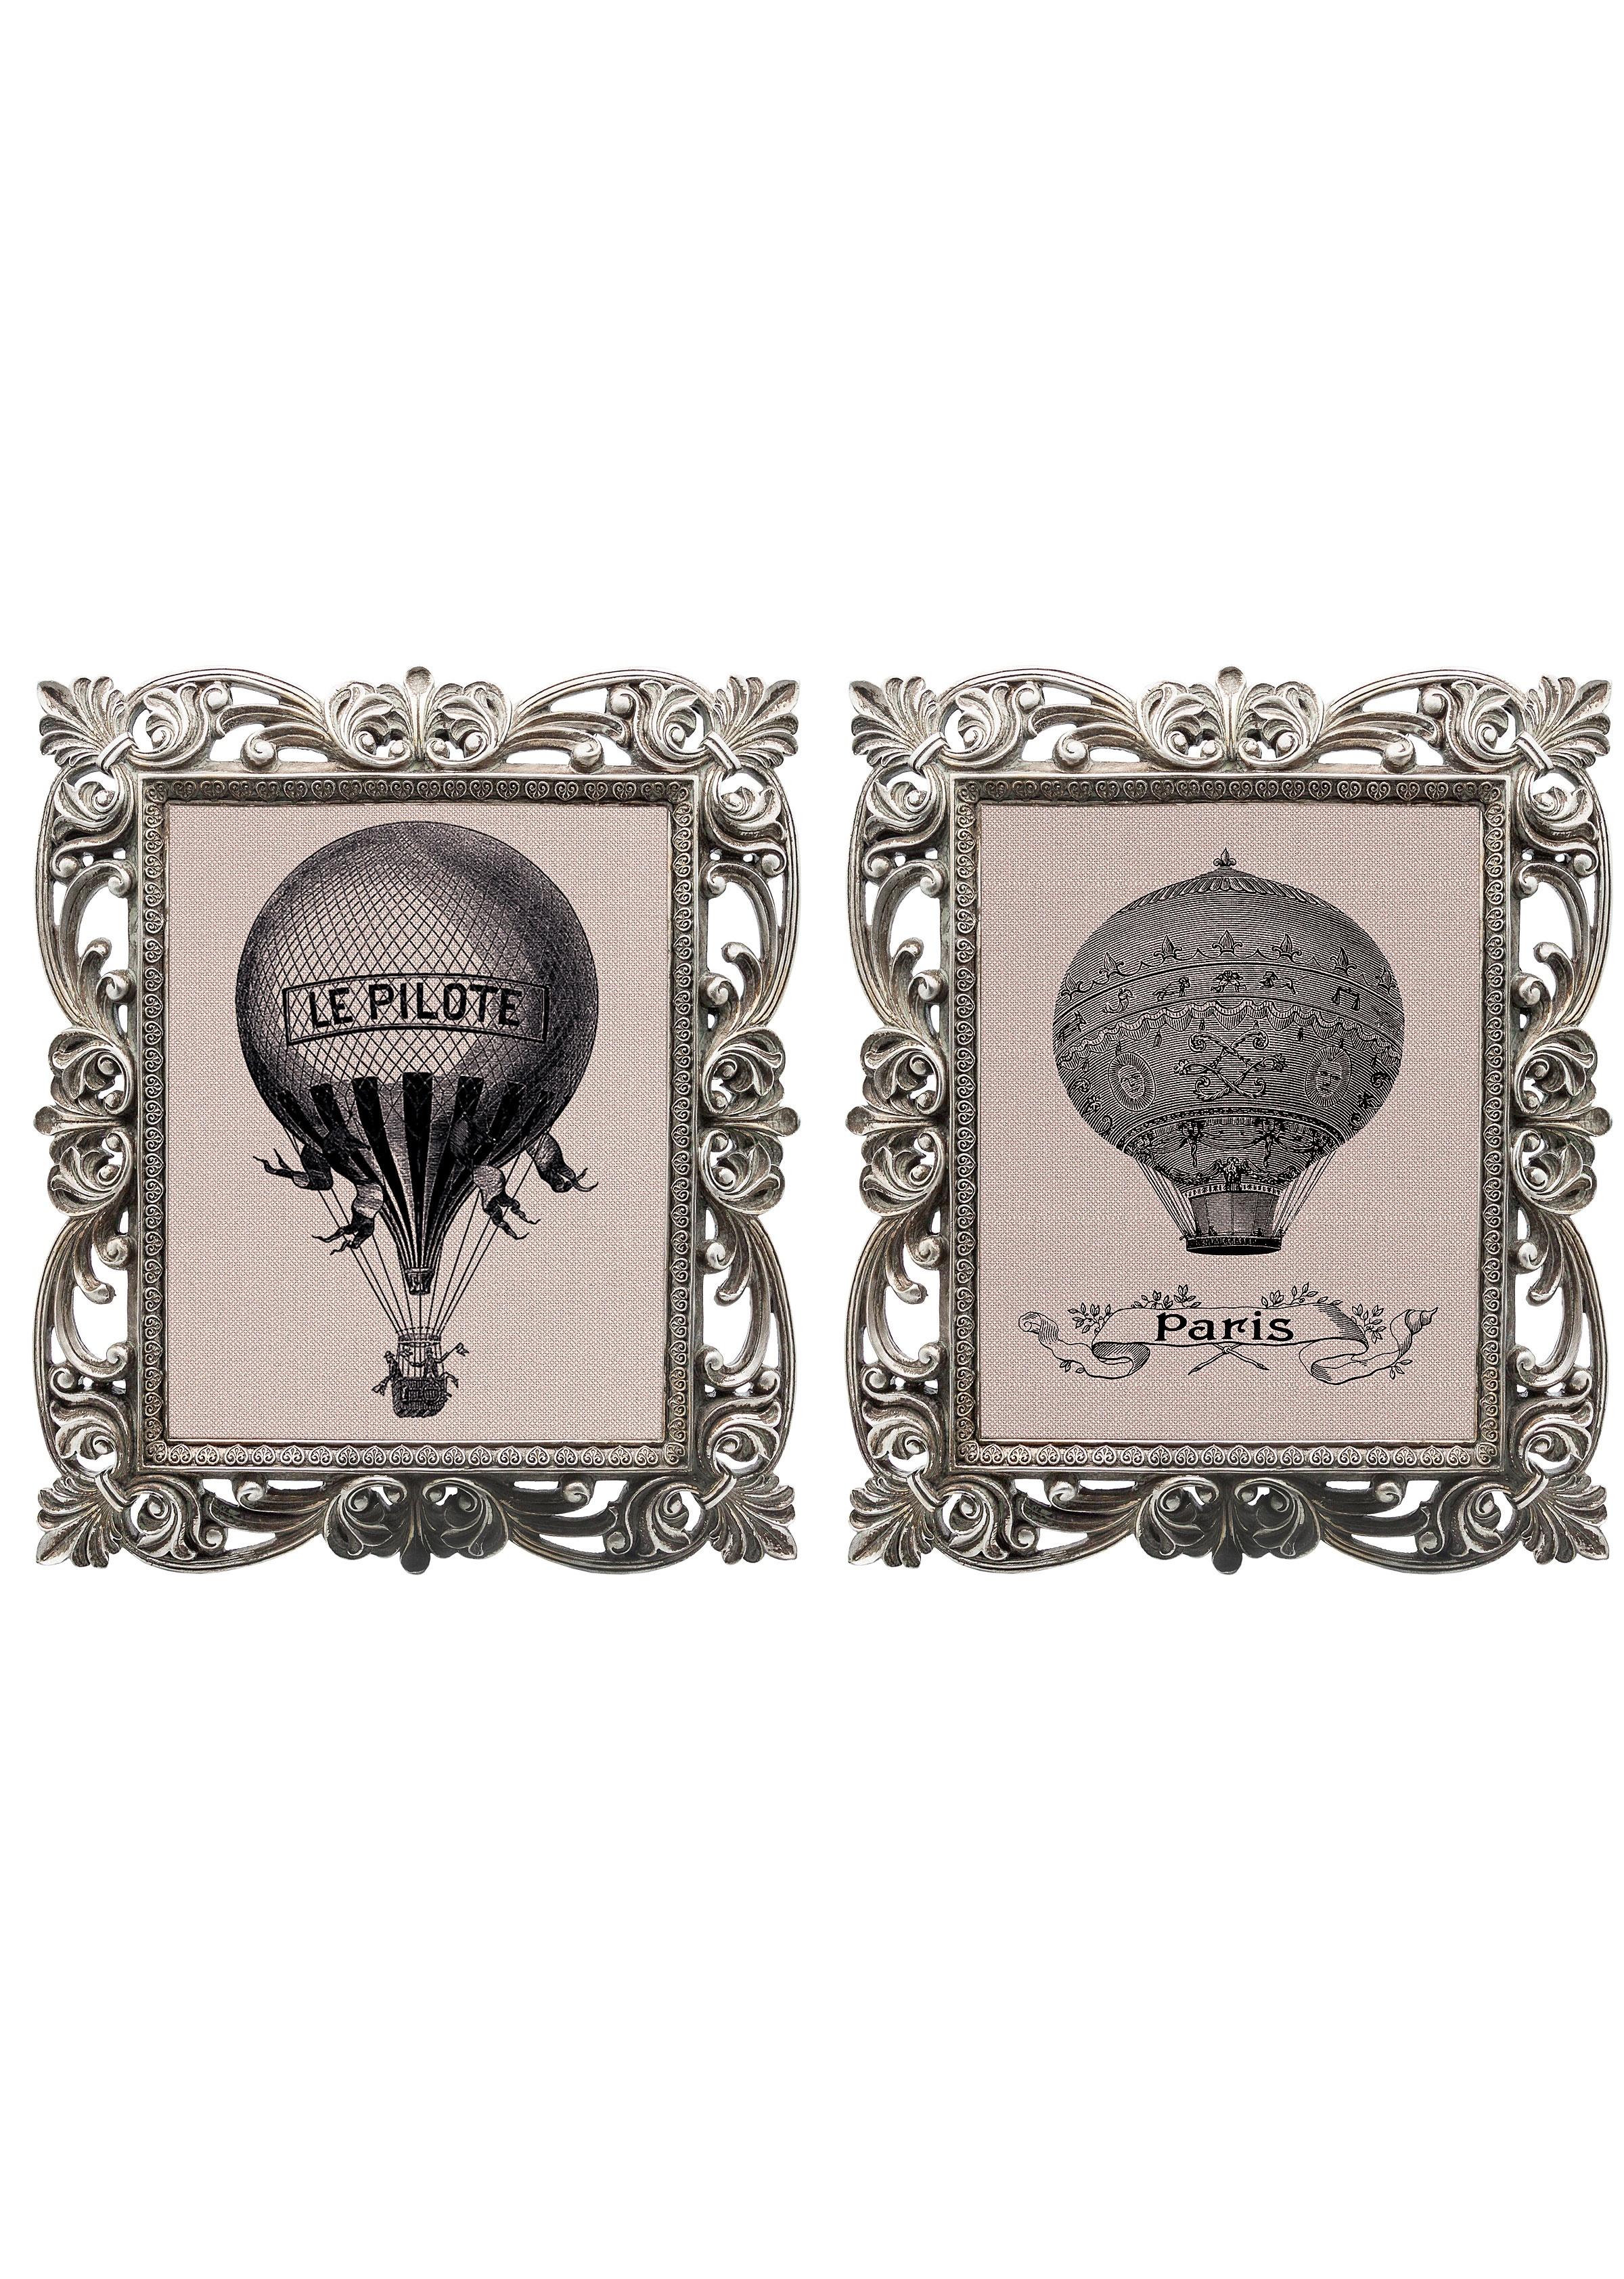 Набор из двух репродукций БеатрисКартины<br>&amp;lt;div&amp;gt;Приятно приходить в дом, в котором каждый уголок уютен и очарователен. Уникальные старинные гравюры «Полет на воздушном шаре» в окружении изящных рам создают особую романтическую атмосферу. Изображения завораживают и погружают в магическую атмосферу таинства. Пусть ваш дом наполнится чудесами! Искусная техника состаривания придает рамам особую теплоту и винтажность. Благородная патина на поверхности рам — интригующее приглашение к прогулке в мир старинных реликвий! Картины можно повесить на стену, а можно поставить, например, на стол или камин. Если Вам захочется обновить интерьер, Вы можете с легкостью заменить изображение картин!&amp;lt;/div&amp;gt;&amp;lt;div&amp;gt;&amp;lt;br&amp;gt;&amp;lt;/div&amp;gt;&amp;lt;div&amp;gt;Изображение - дизайнерская бумага; рама - искуственный камень; защитный слой - стекло&amp;amp;nbsp;&amp;lt;/div&amp;gt;&amp;lt;div&amp;gt;цвет:мультиколор&amp;amp;nbsp;&amp;lt;/div&amp;gt;<br><br>Material: Бумага